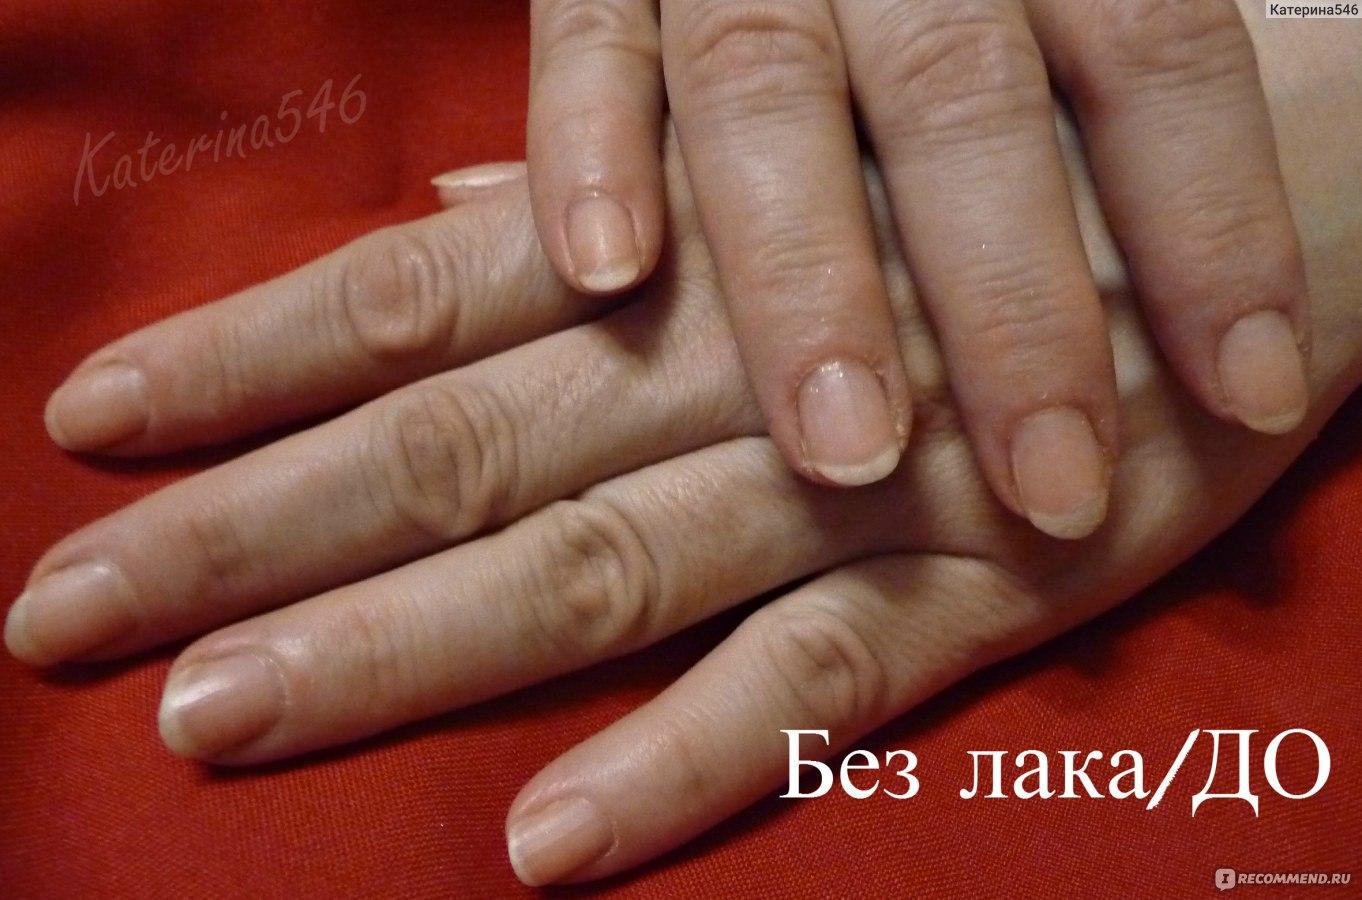 Фото лака для роста ногтей